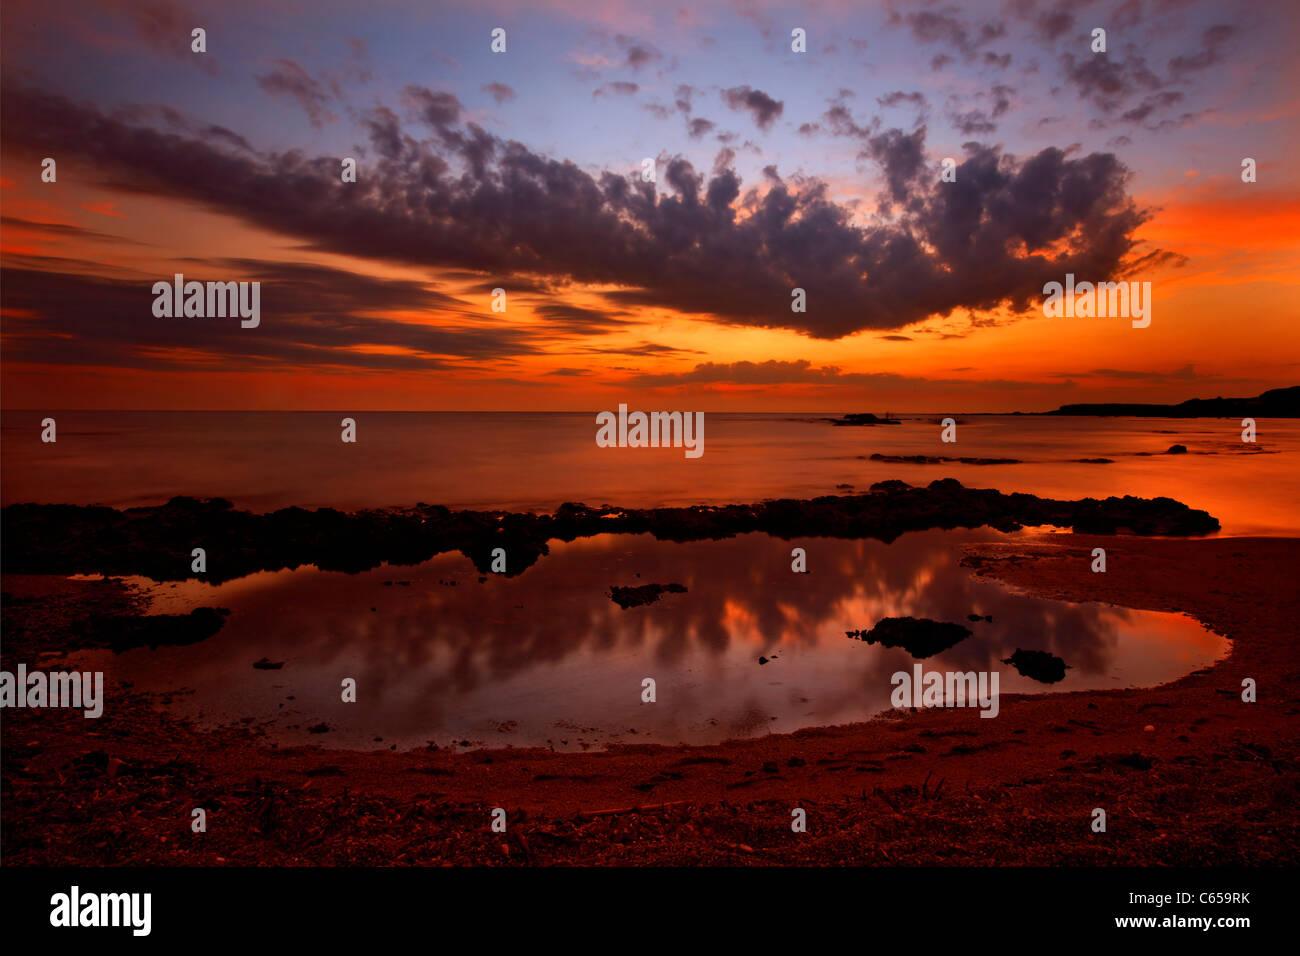 Puesta de sol en el mar Jónico, en la playa, cerca de Castillo Pantokratoras, Preveza, Epiro, Grecia Imagen De Stock